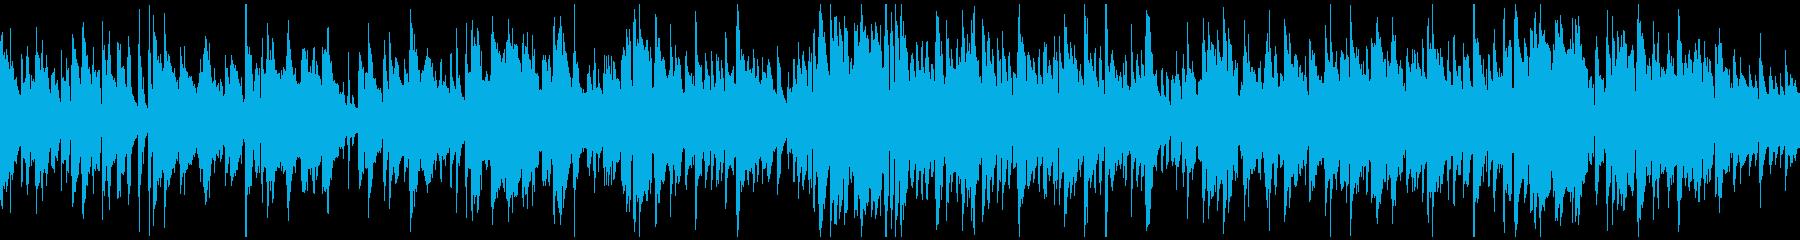 柔らかボサノバ、暖かい太い音色※ループ版の再生済みの波形